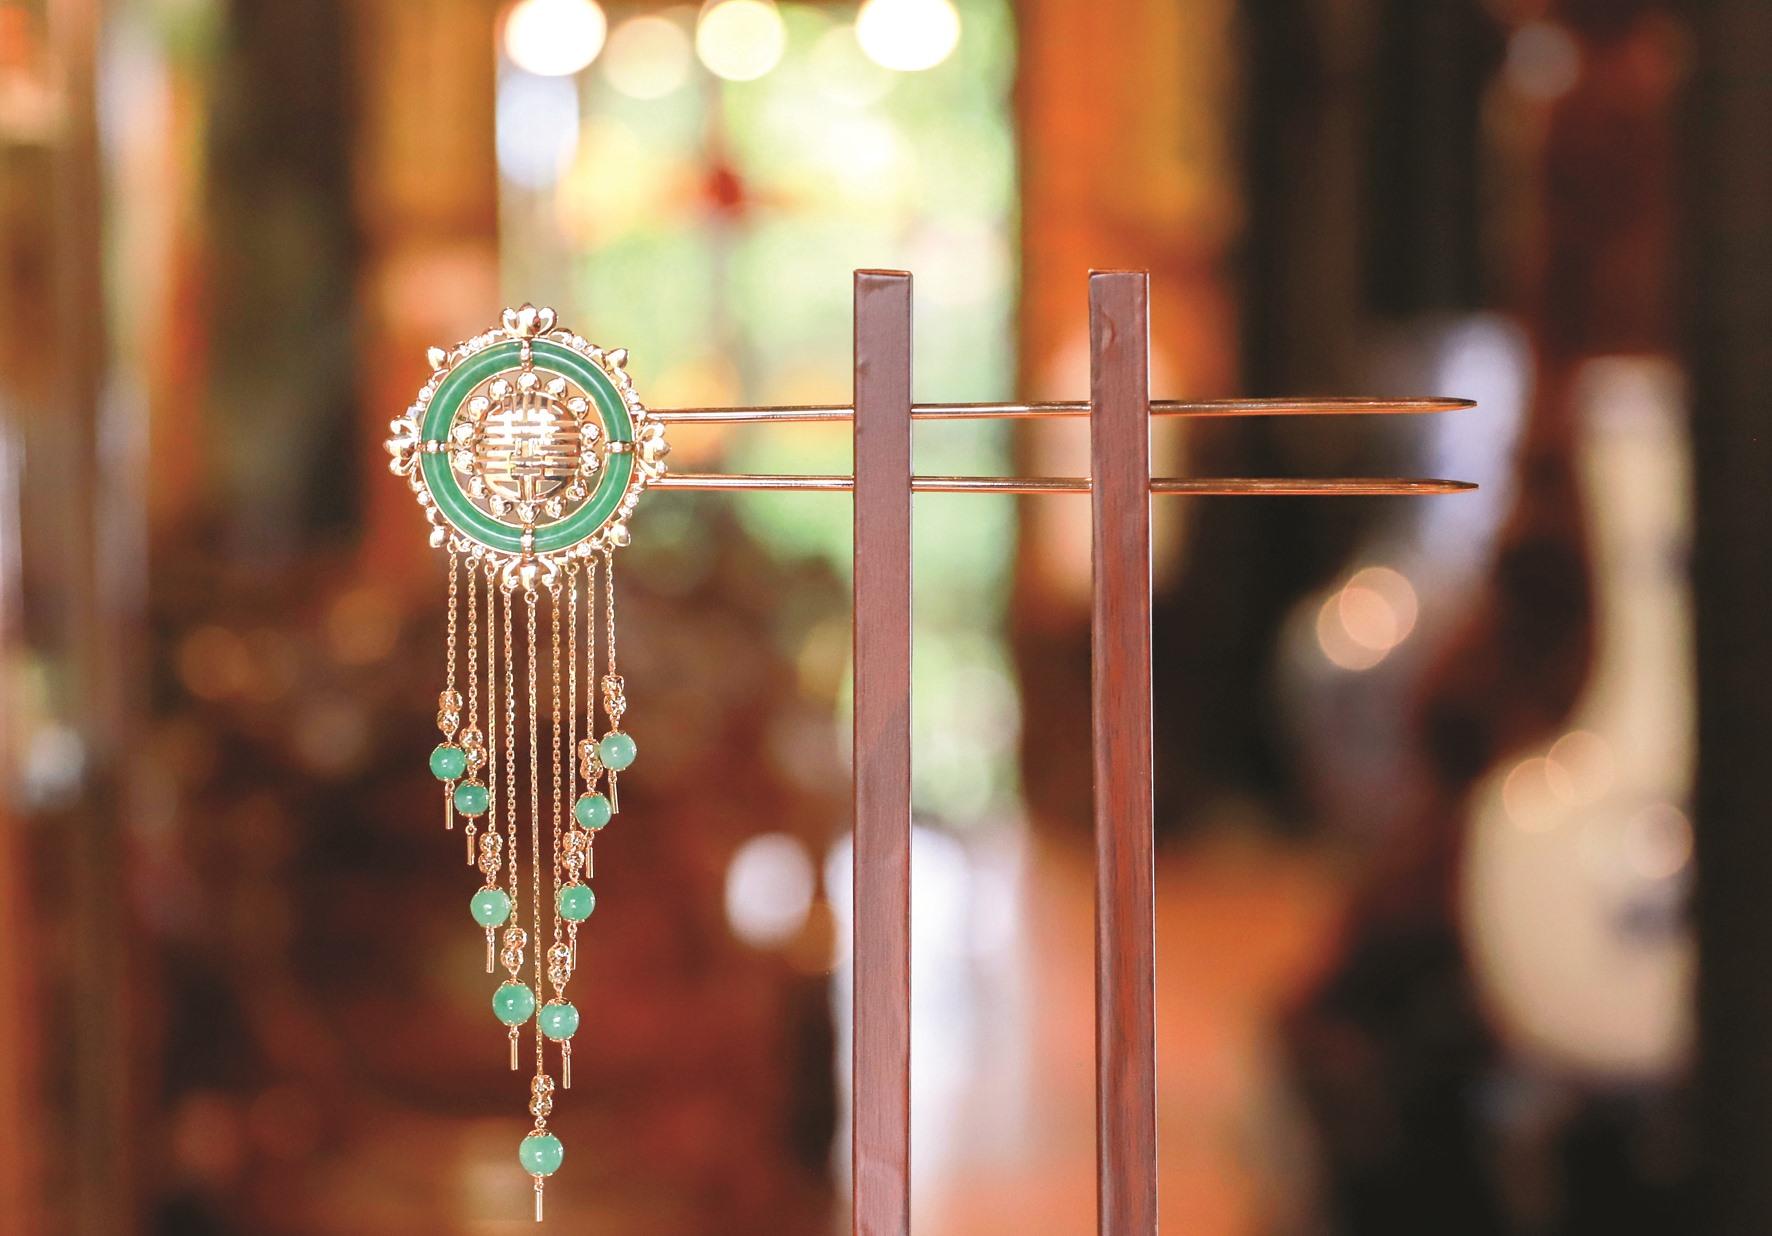 Trâm cài đính ngọc cùng bộ kiềng thích hợp với trang phục áo dài truyền thống.